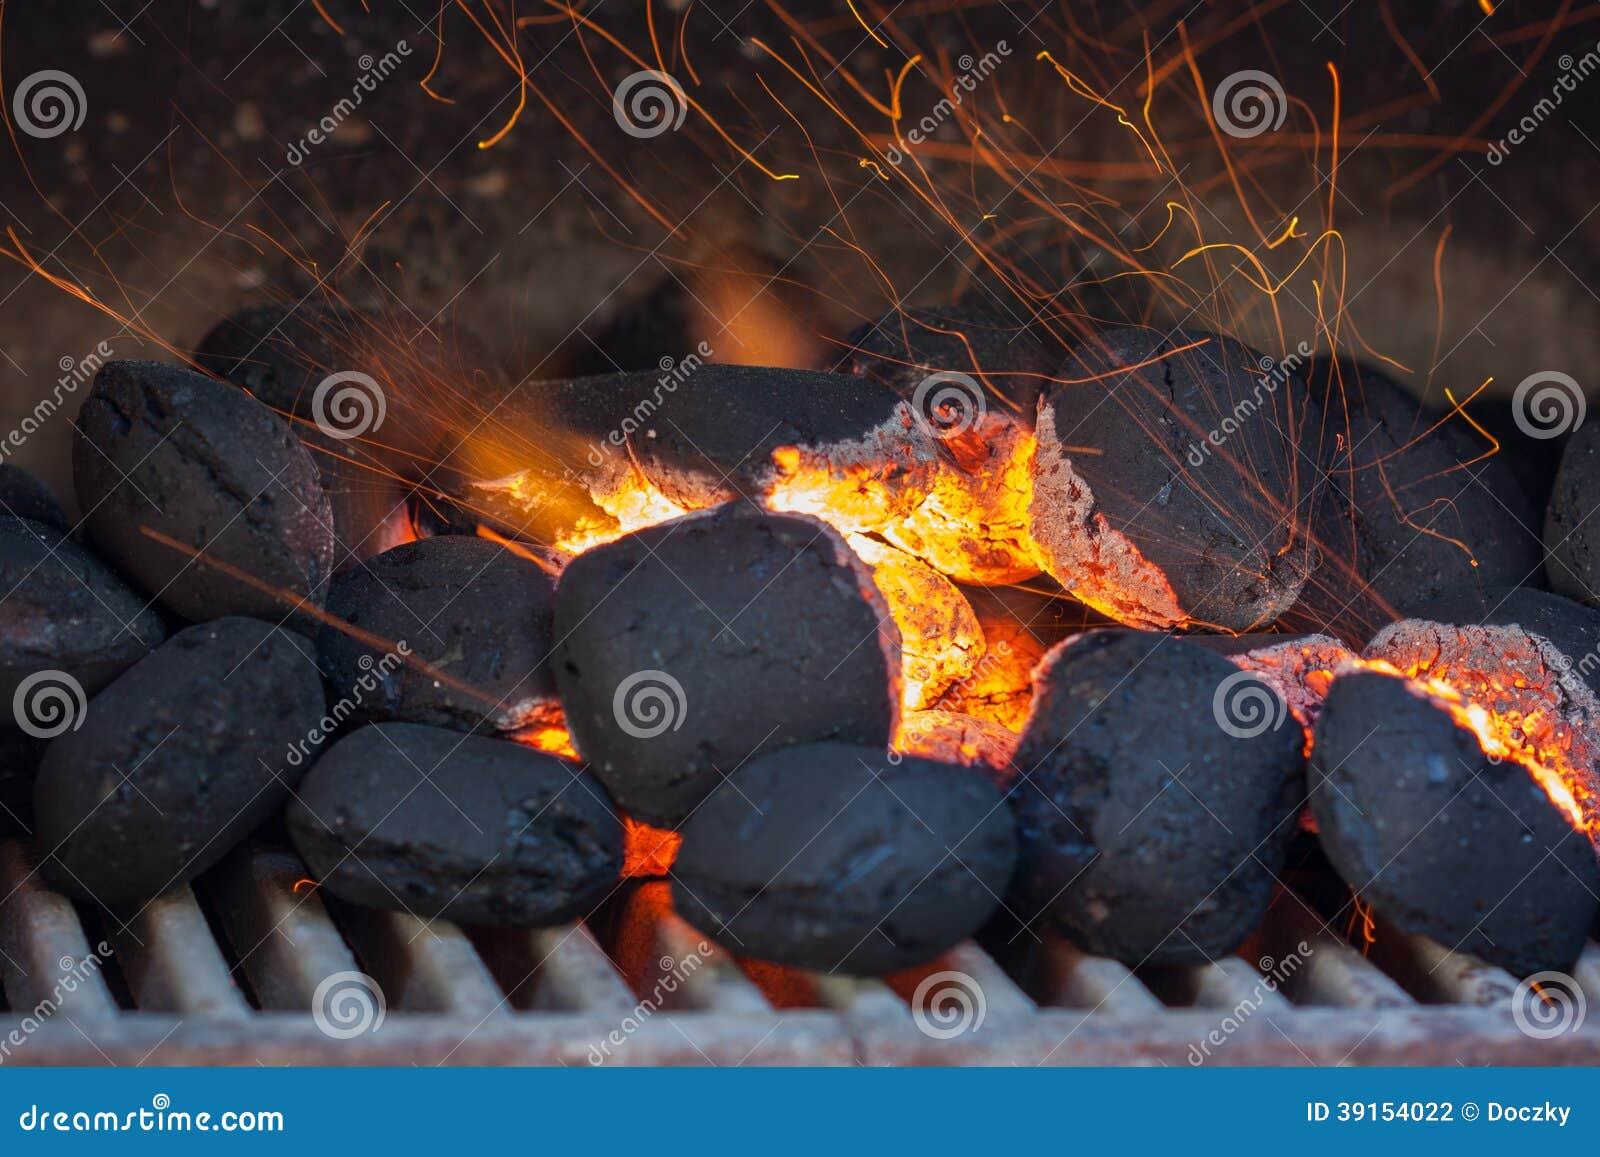 Carvões amassados do carvão vegetal com faíscas do fogo.